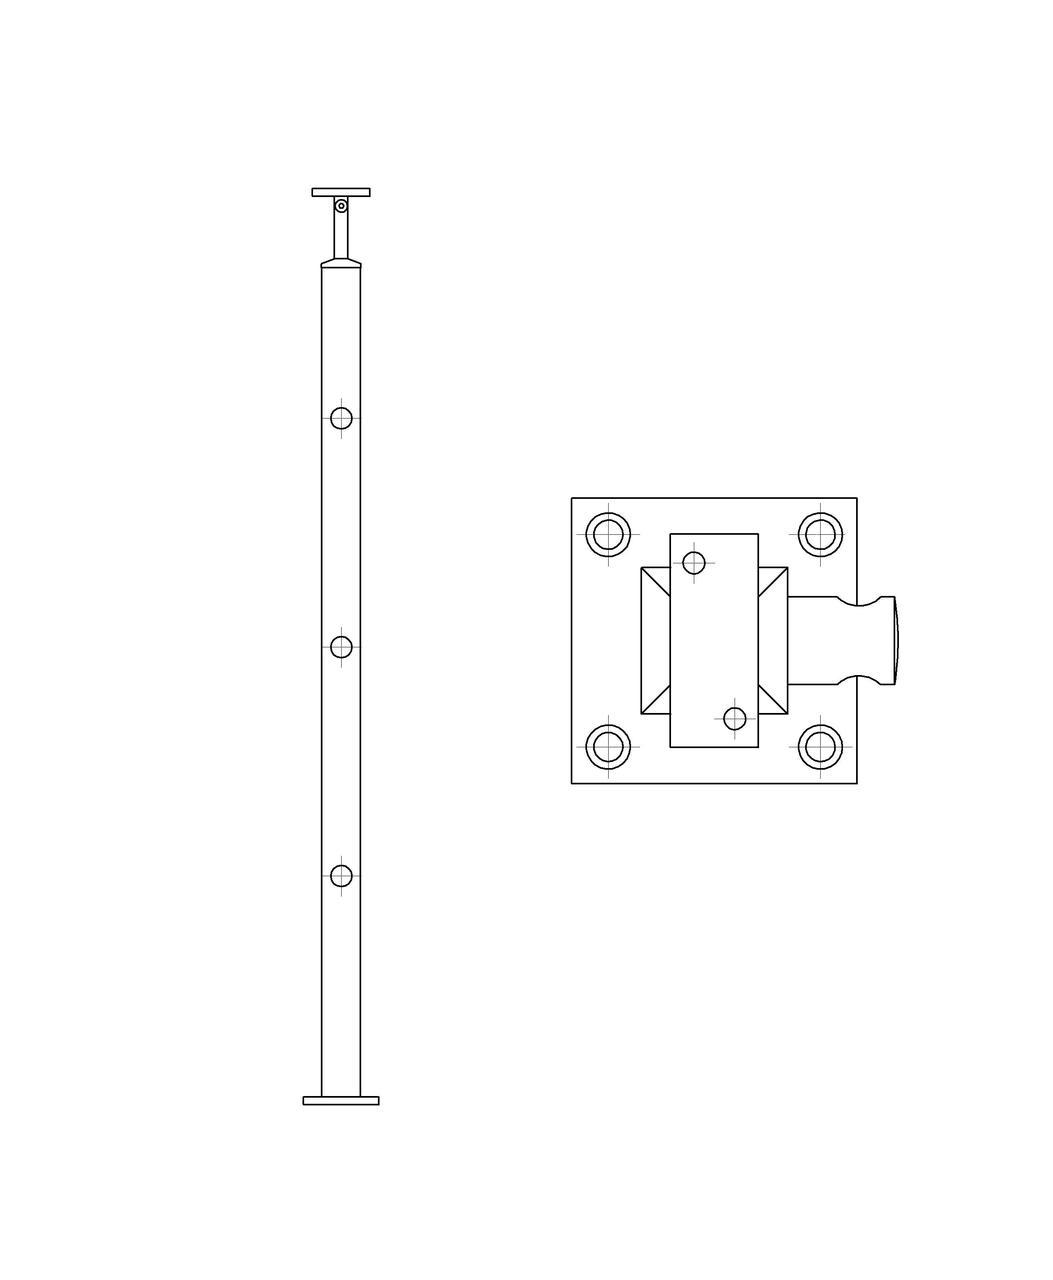 ODF-20-03-01-H950 Стойка под ригельное наполнение с 3-мя регедержателями и квадратный поручень